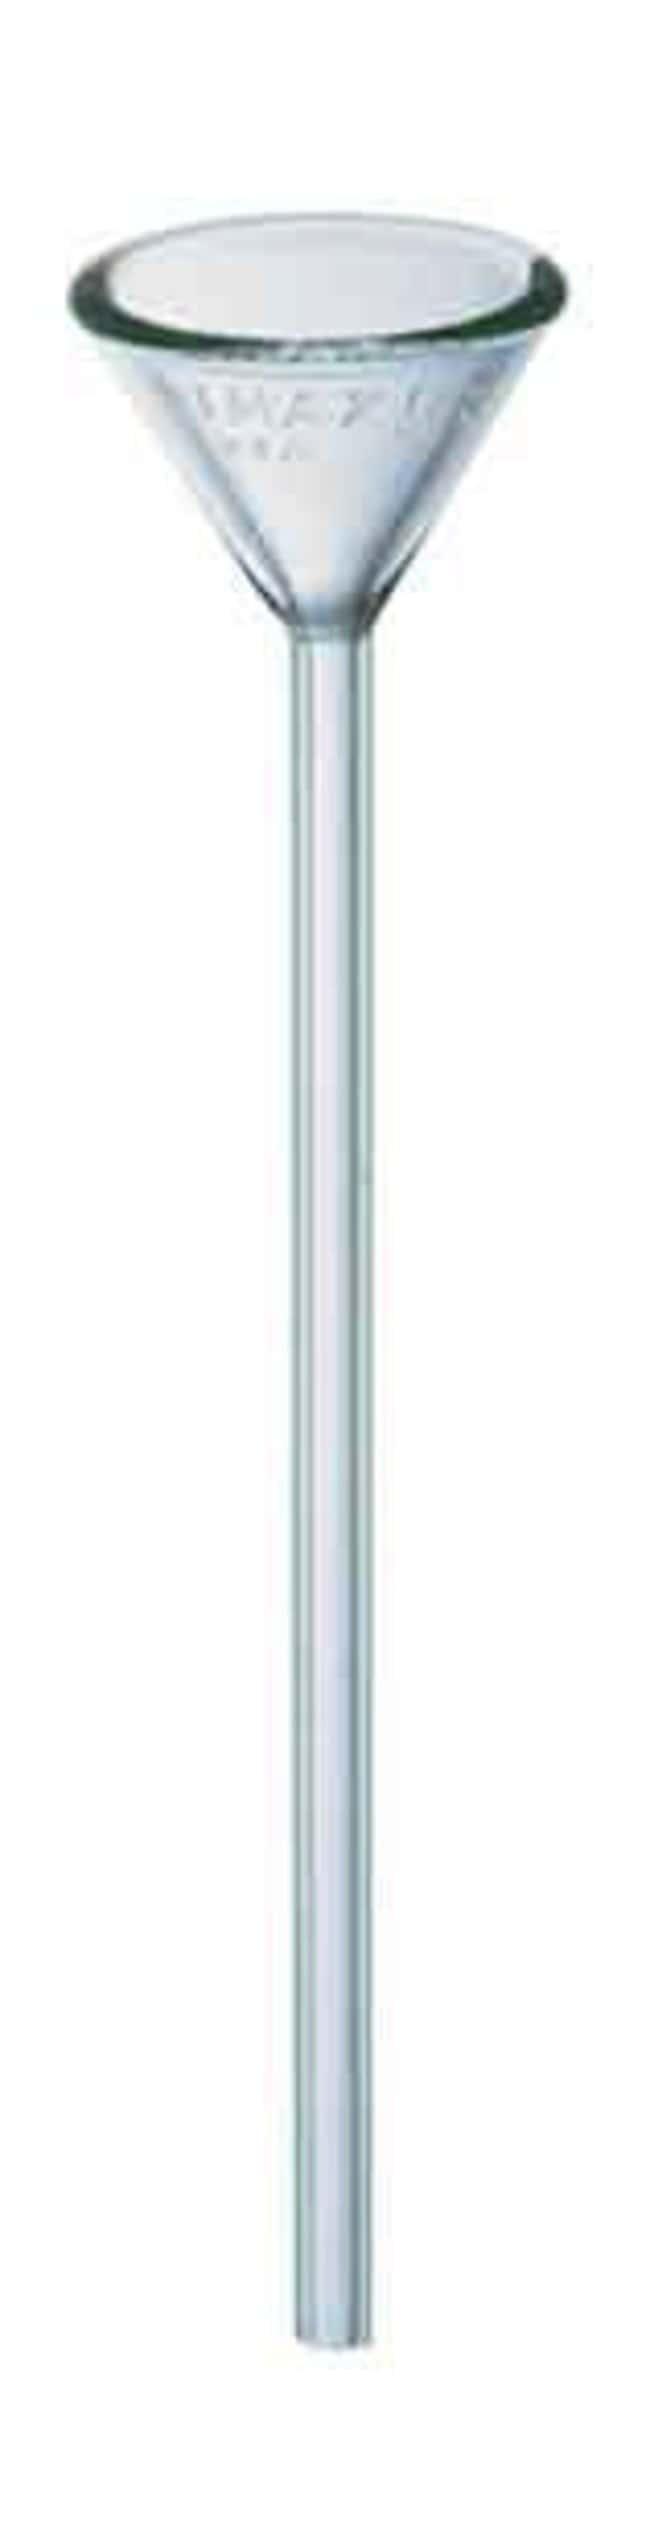 FisherbrandReusable Glass Long-Stem Funnels 185mL:Funnels